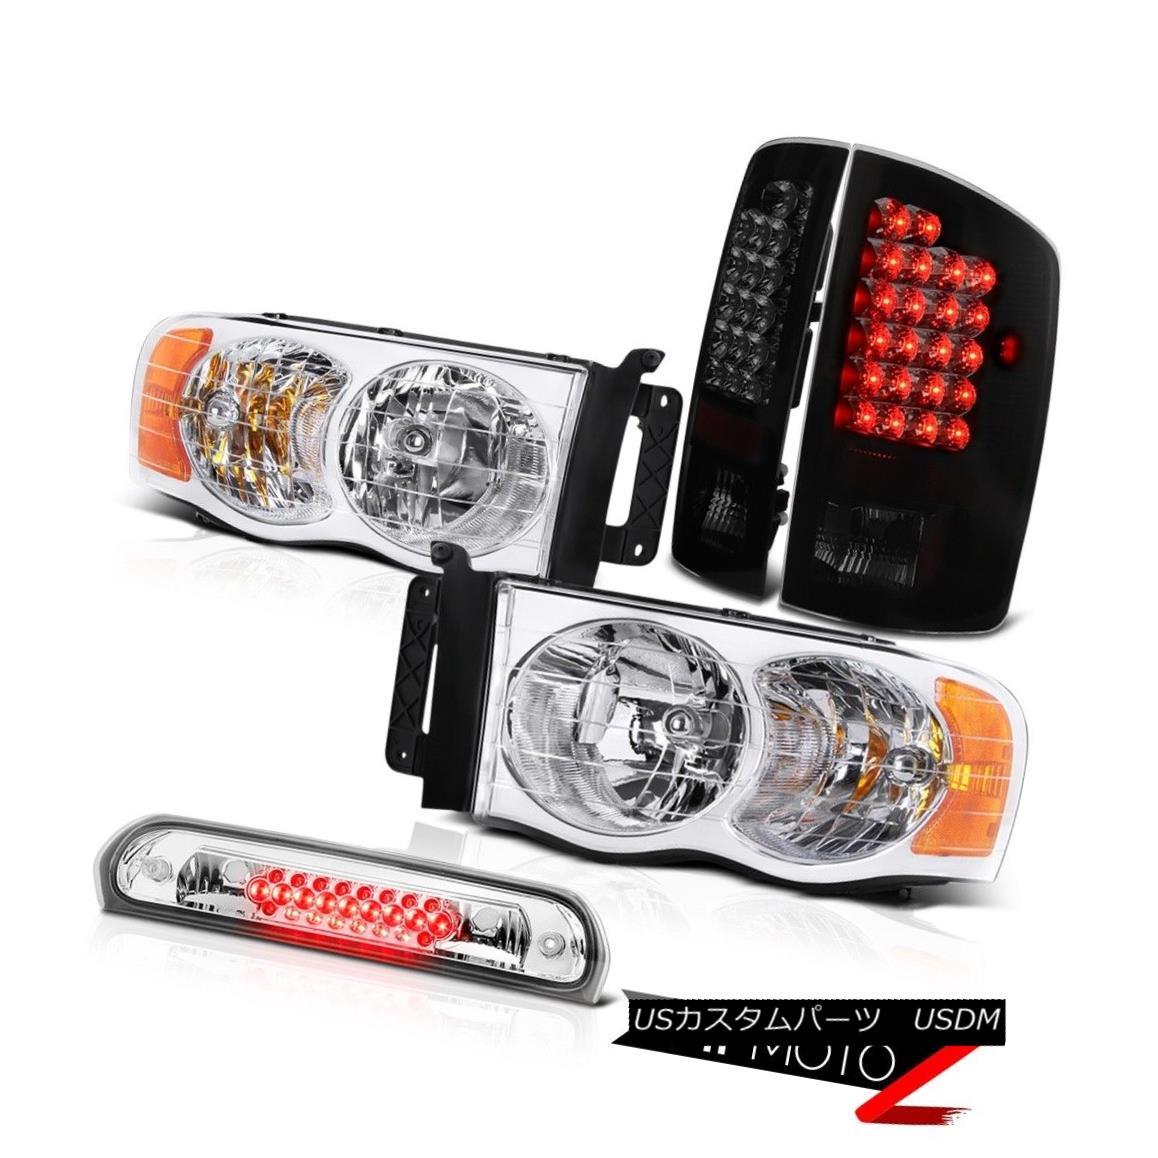 ヘッドライト Chrome Headlamps Smoke Tinted LED Tail Lights Roof Brake 02 03 04 05 Dodge Ram クロームヘッドランプ煙を発するLEDテールライトルーフブレーキ02 03 04 05 Dodge Ram